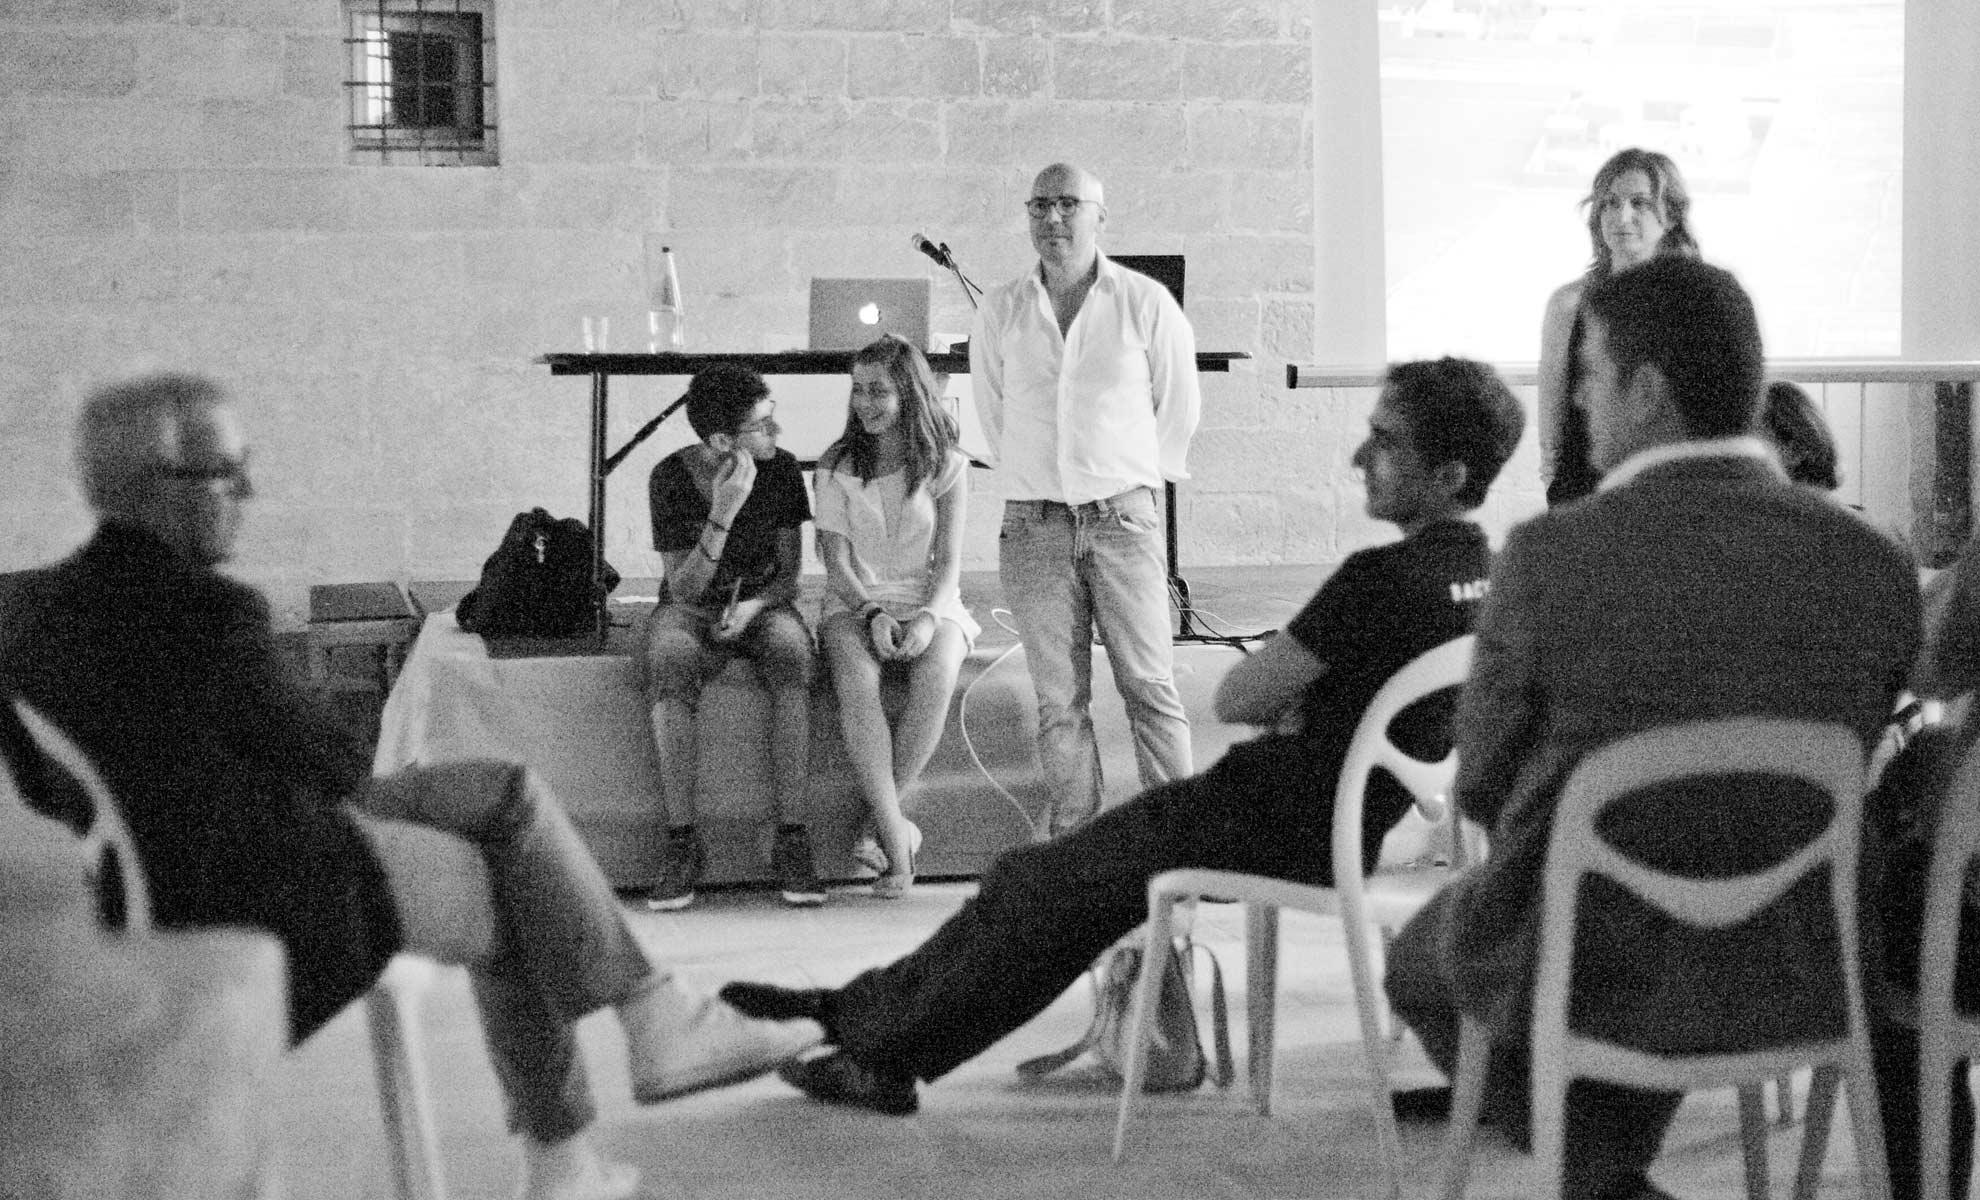 Architetti Famosi Lecce gruppo foresta - costruiamo architettura | chi siamo